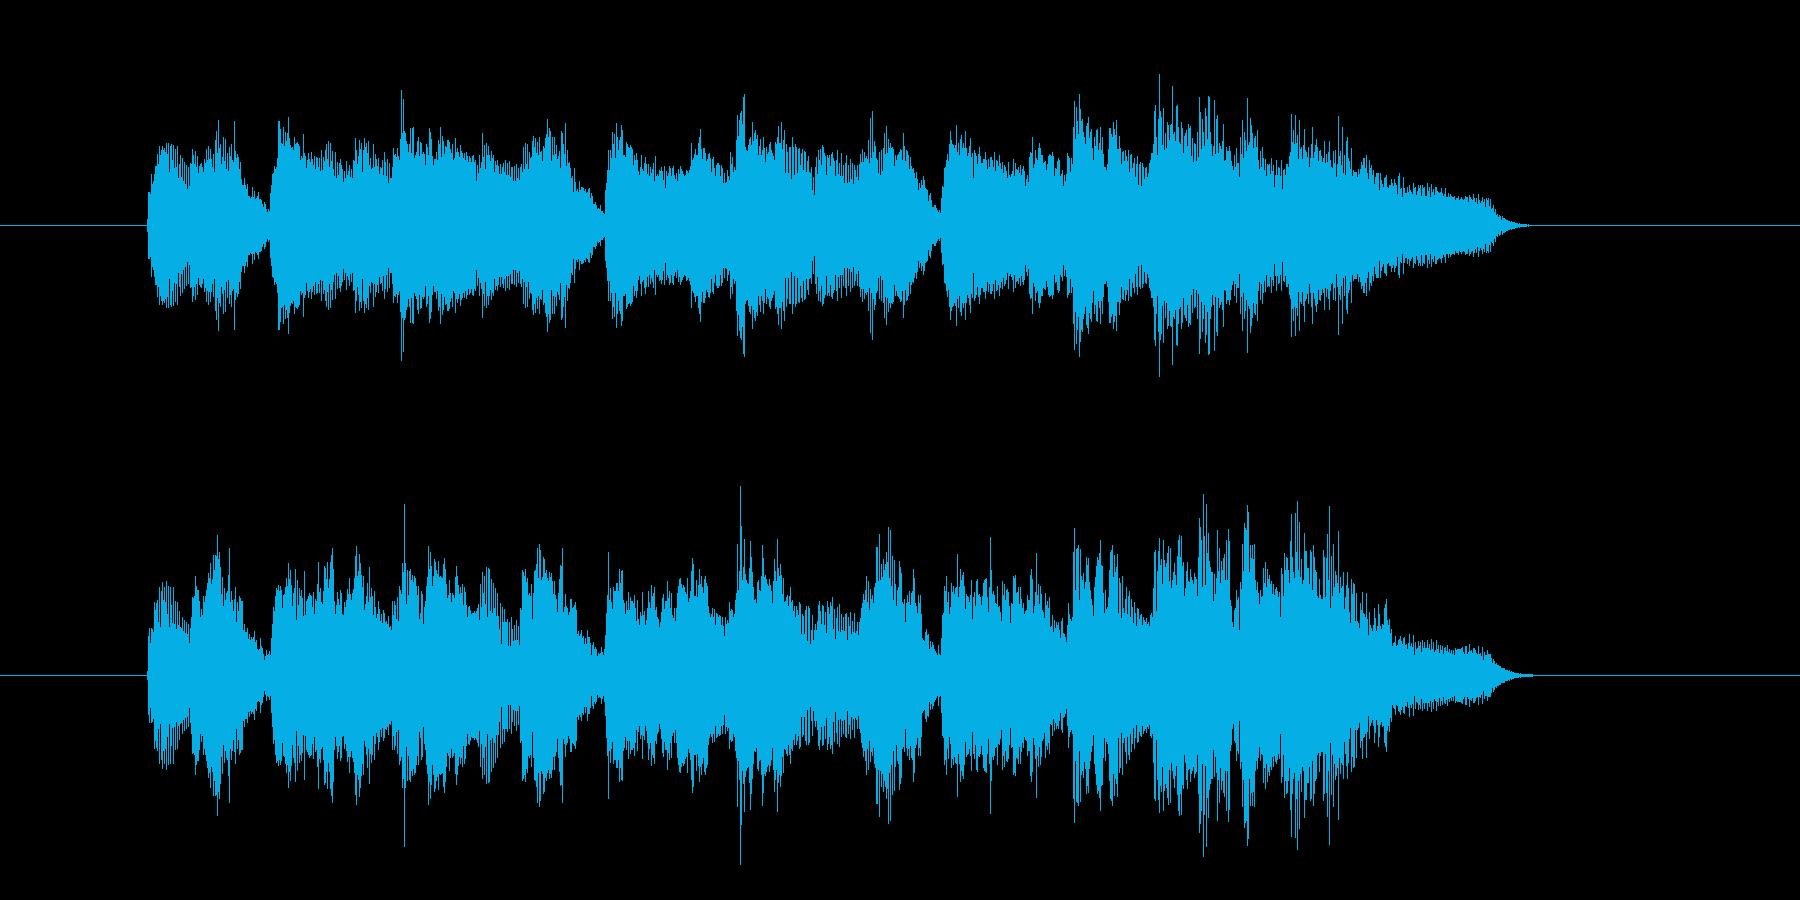 のんびり 場面転換 テーマ コミカルの再生済みの波形